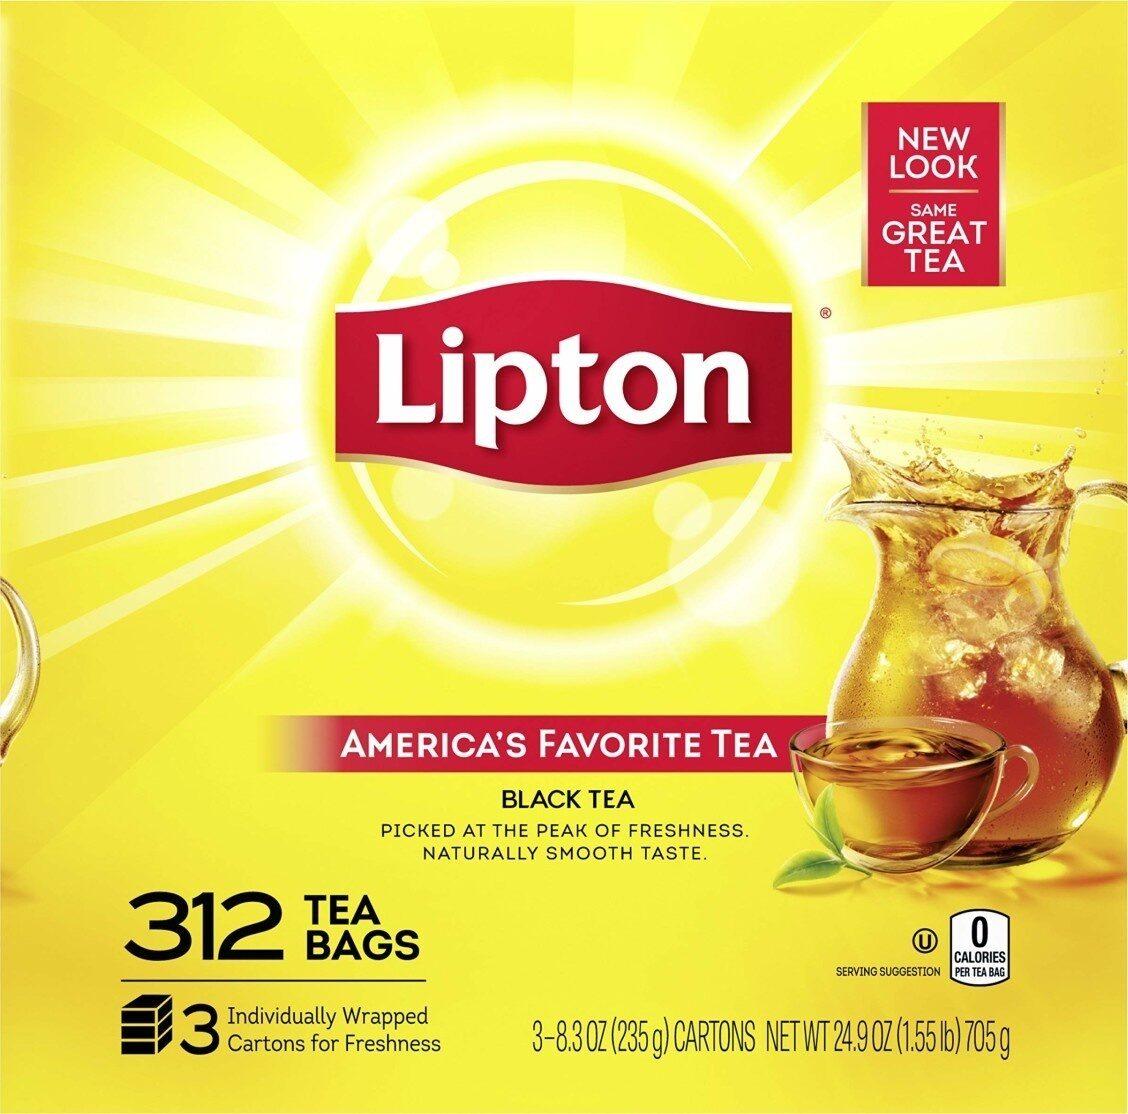 Lipton Black Tea - Product - en